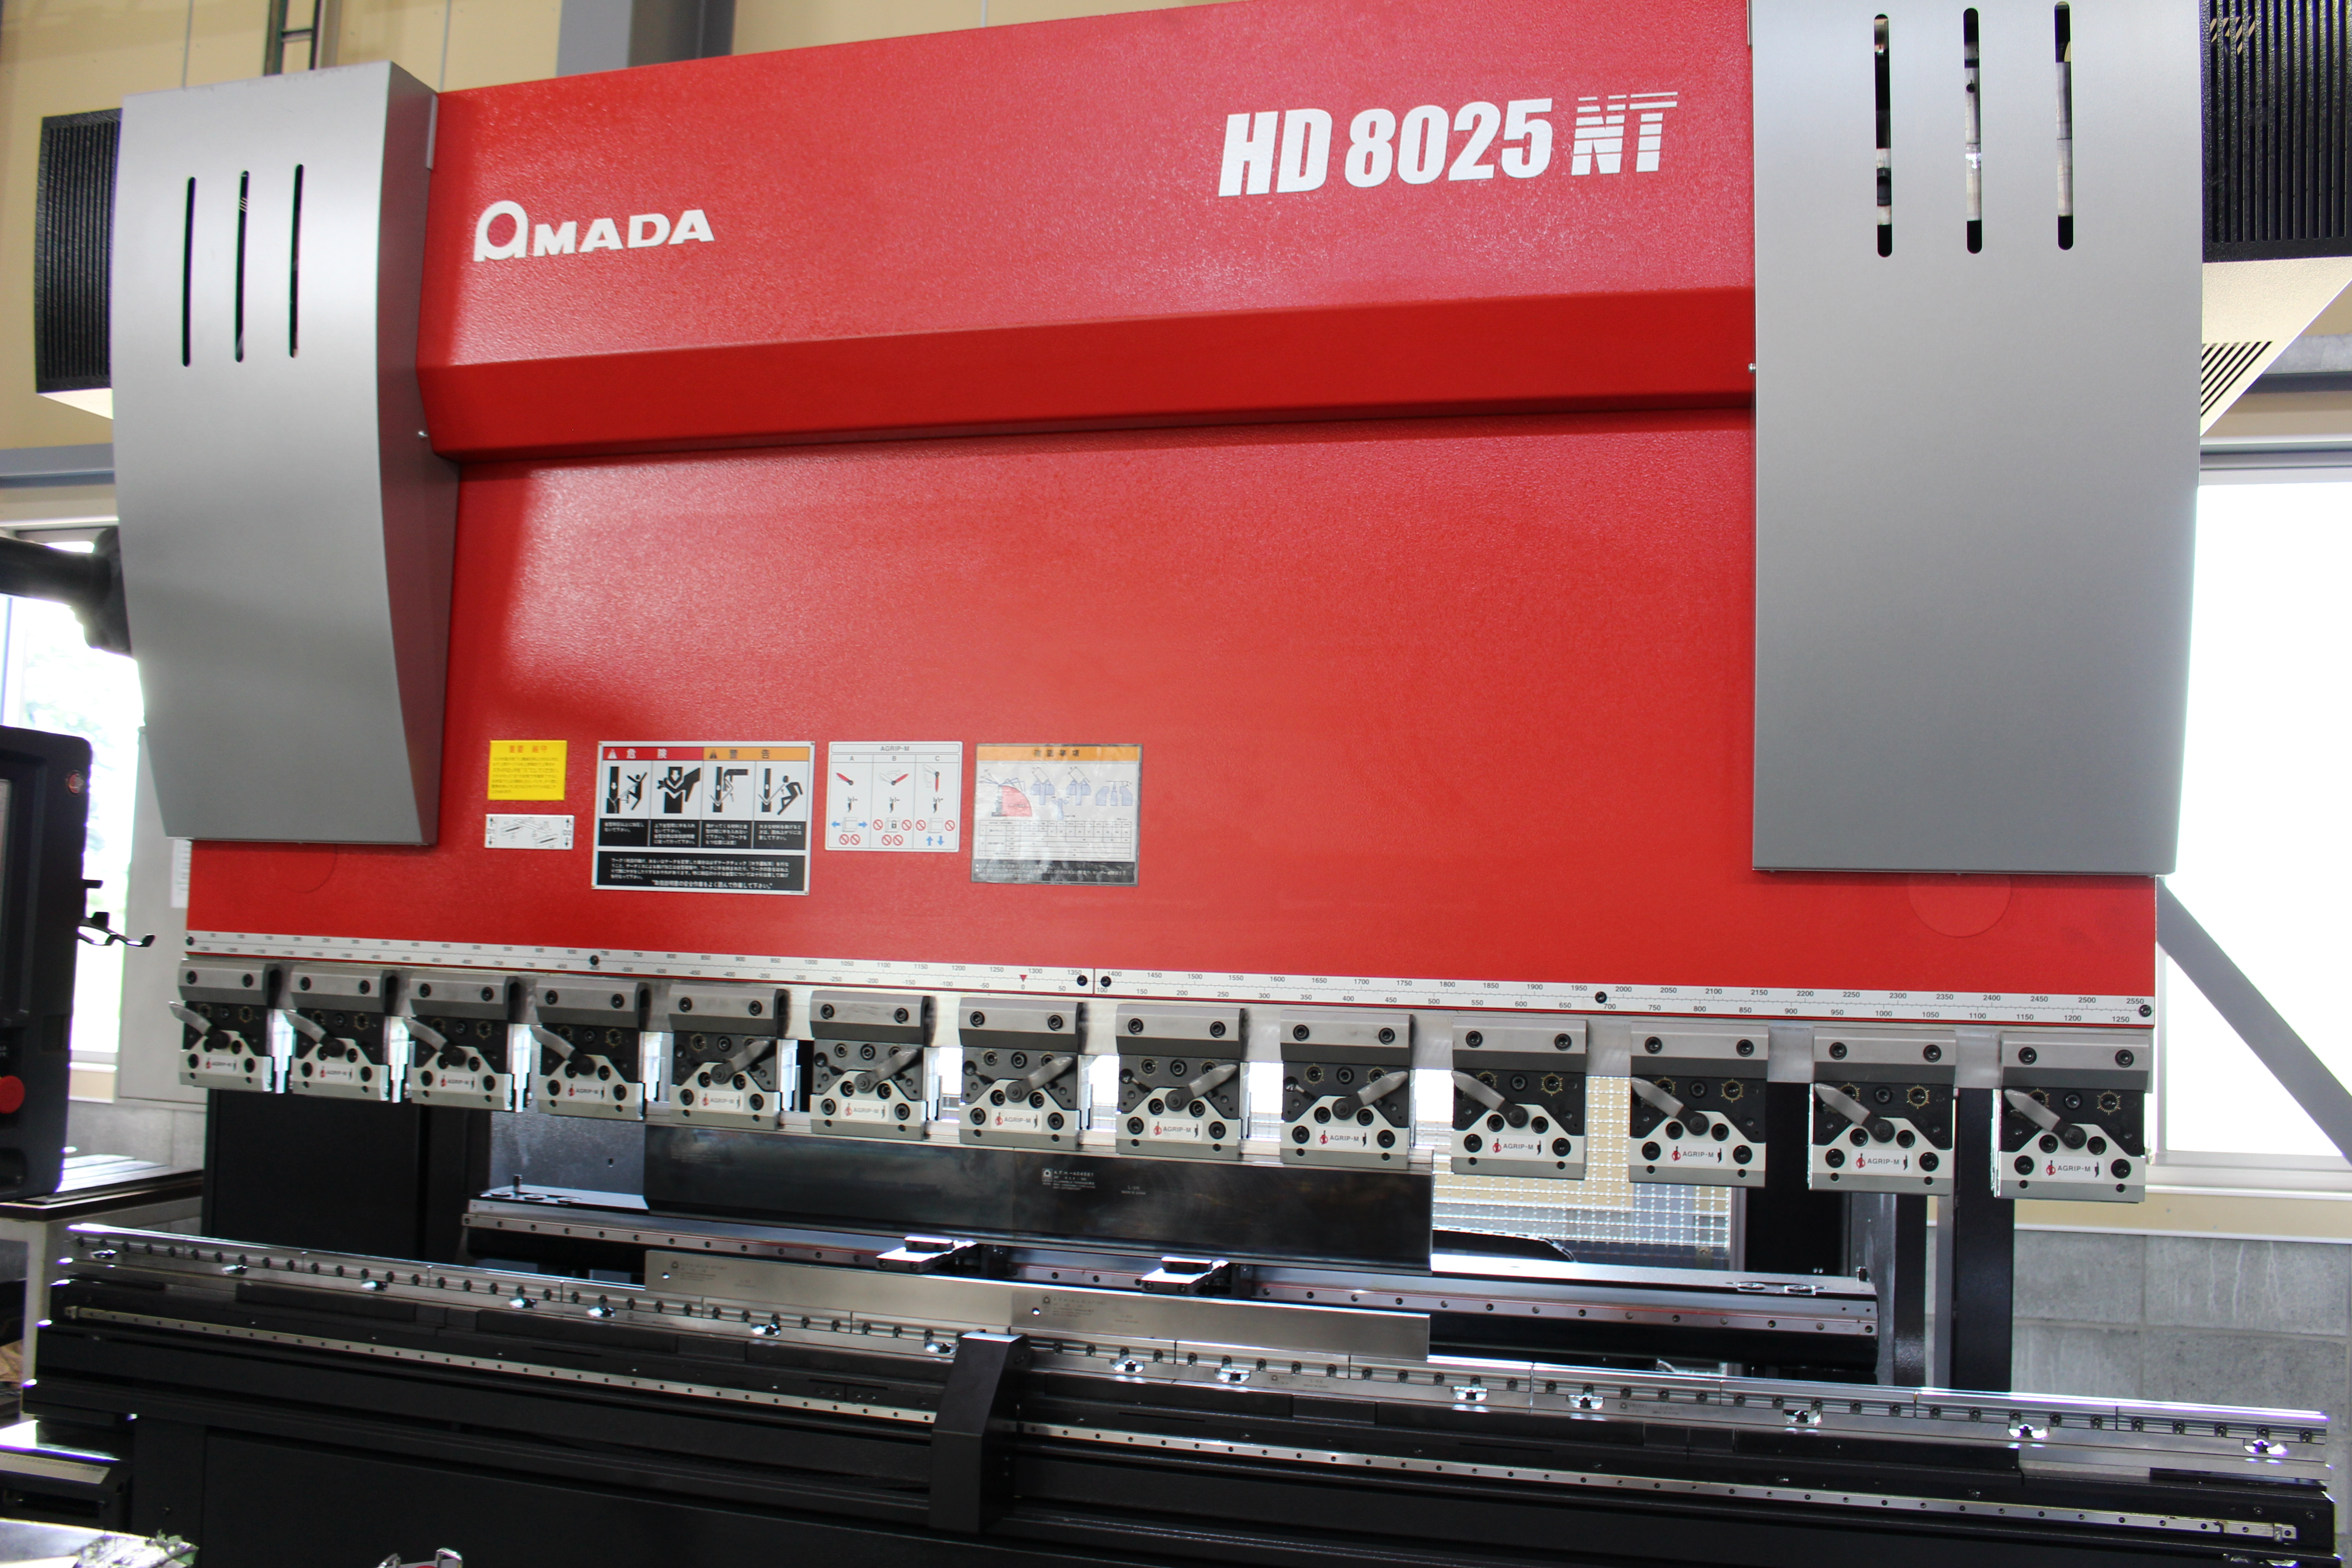 HD 8025 NT